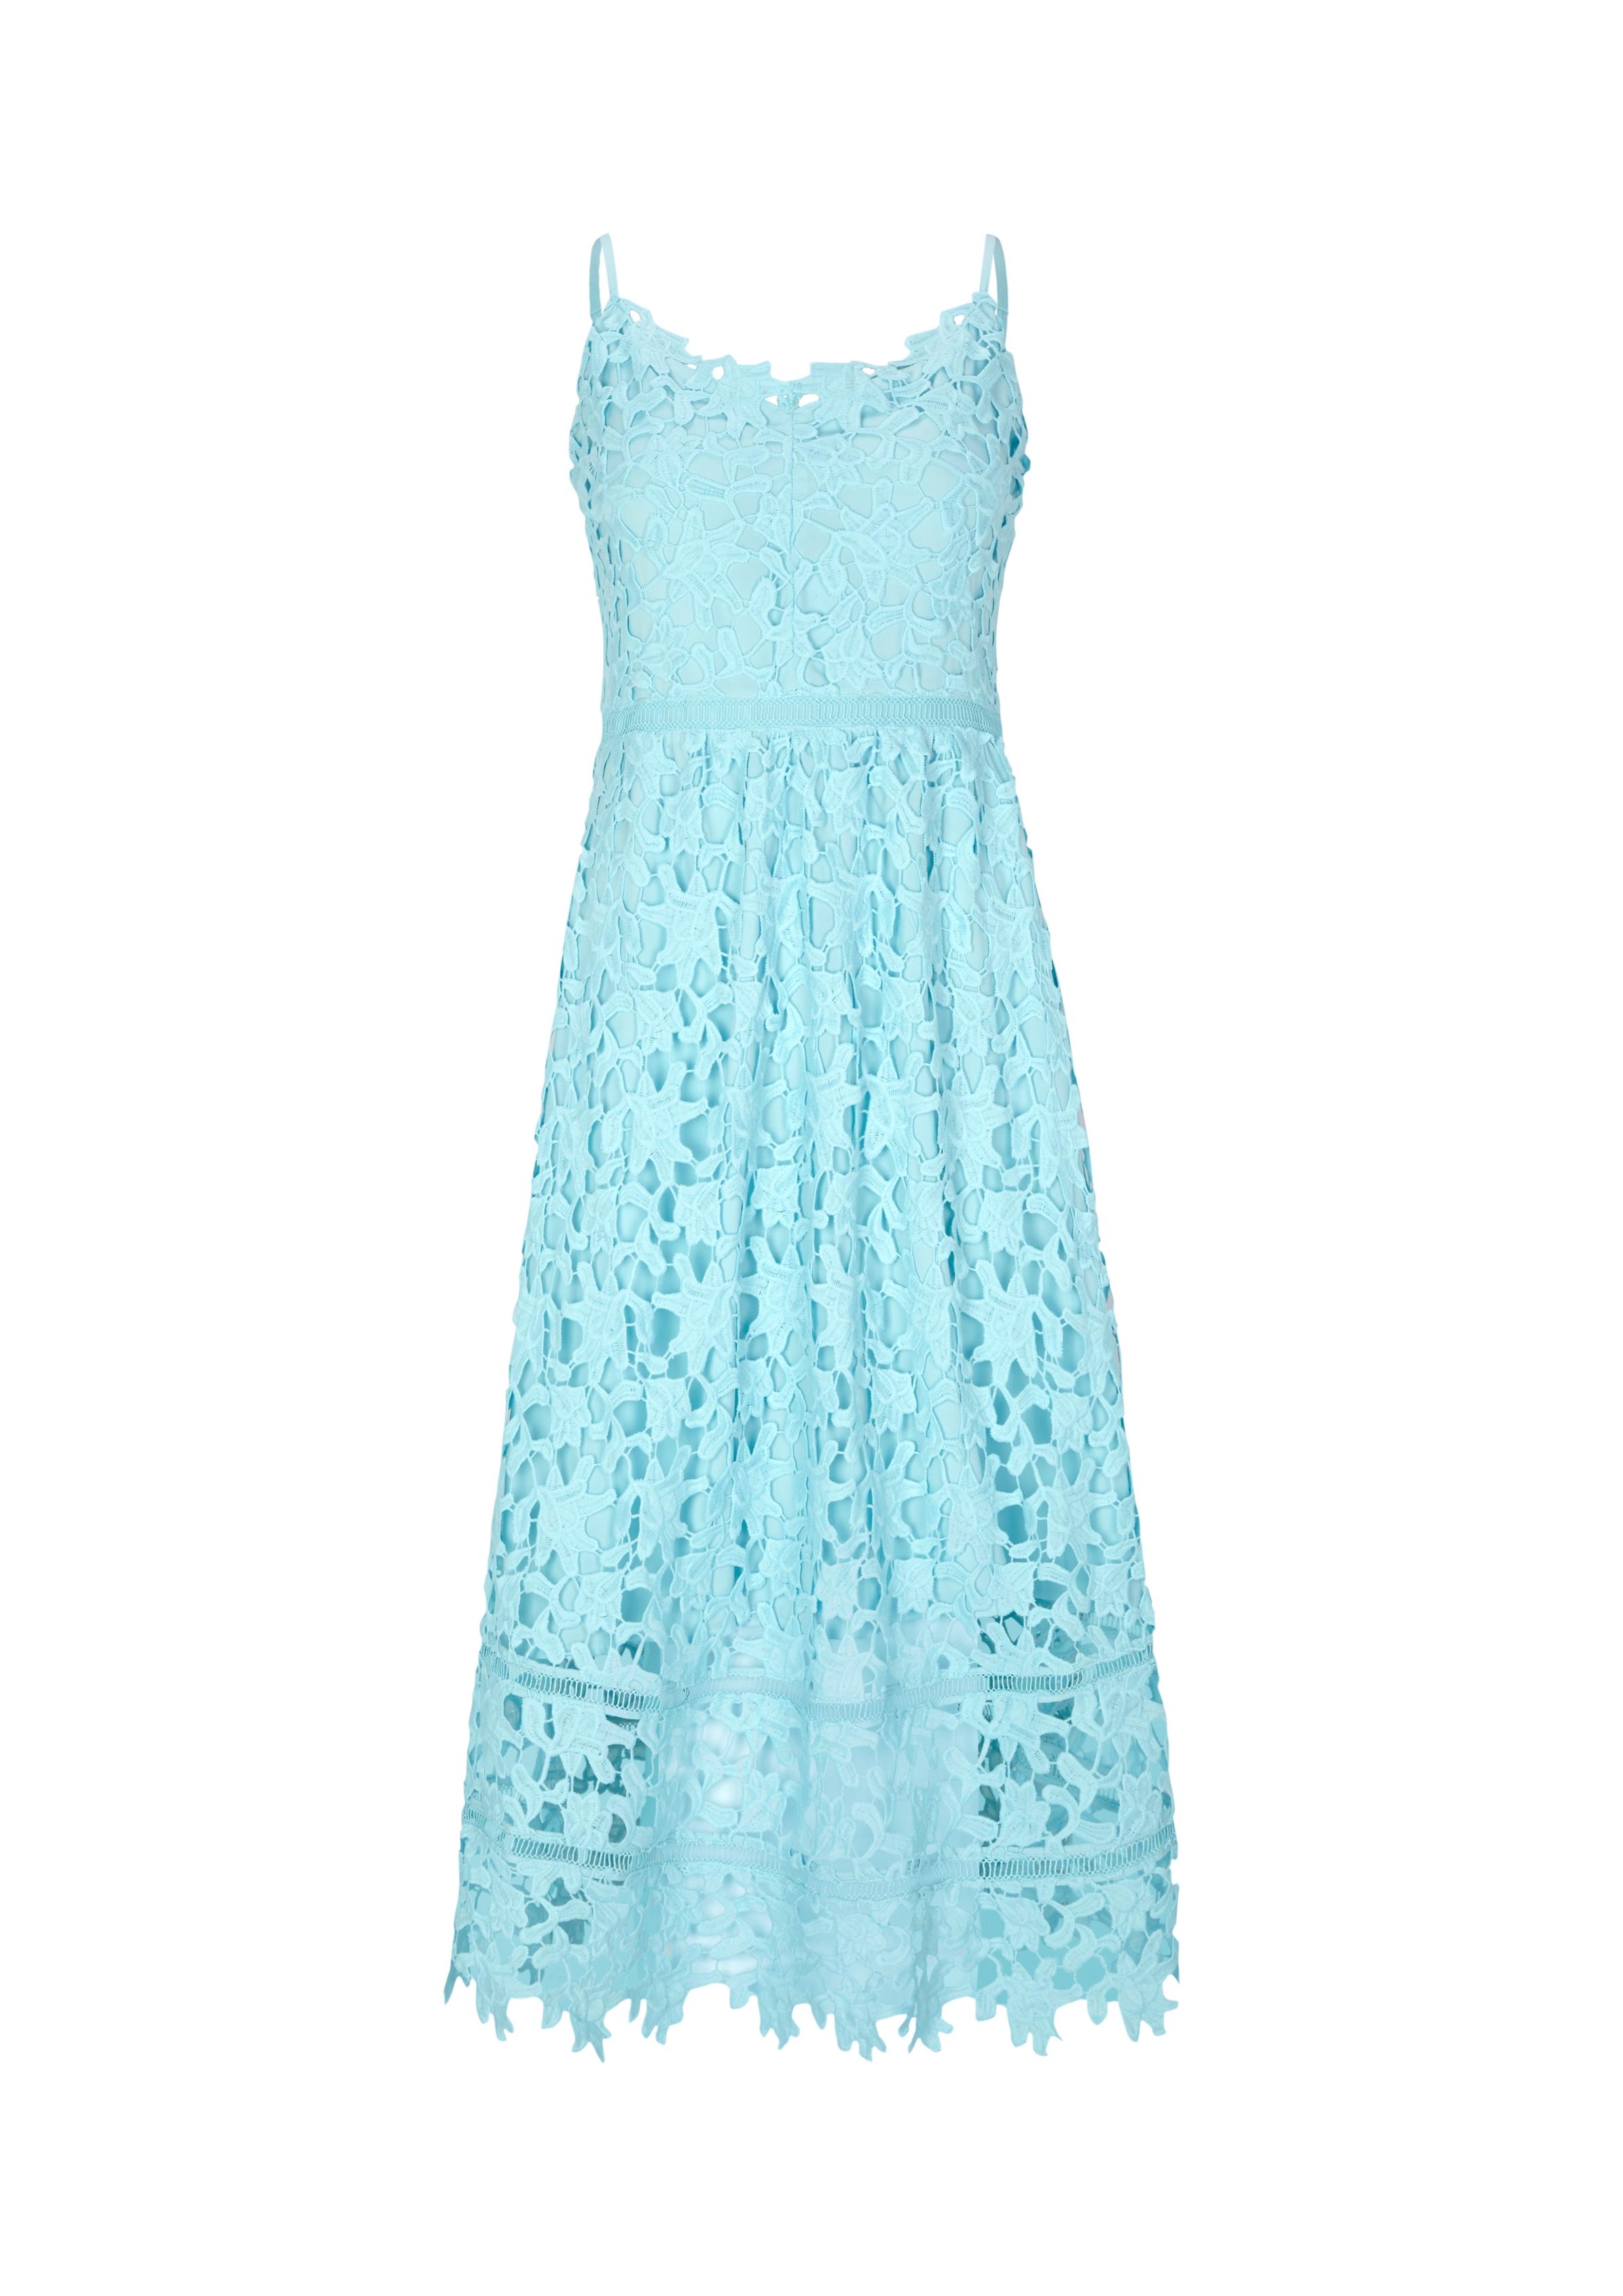 Abendkleid   Bekleidung > Kleider > Abendkleider   Blau/grün   100% polyester   comma